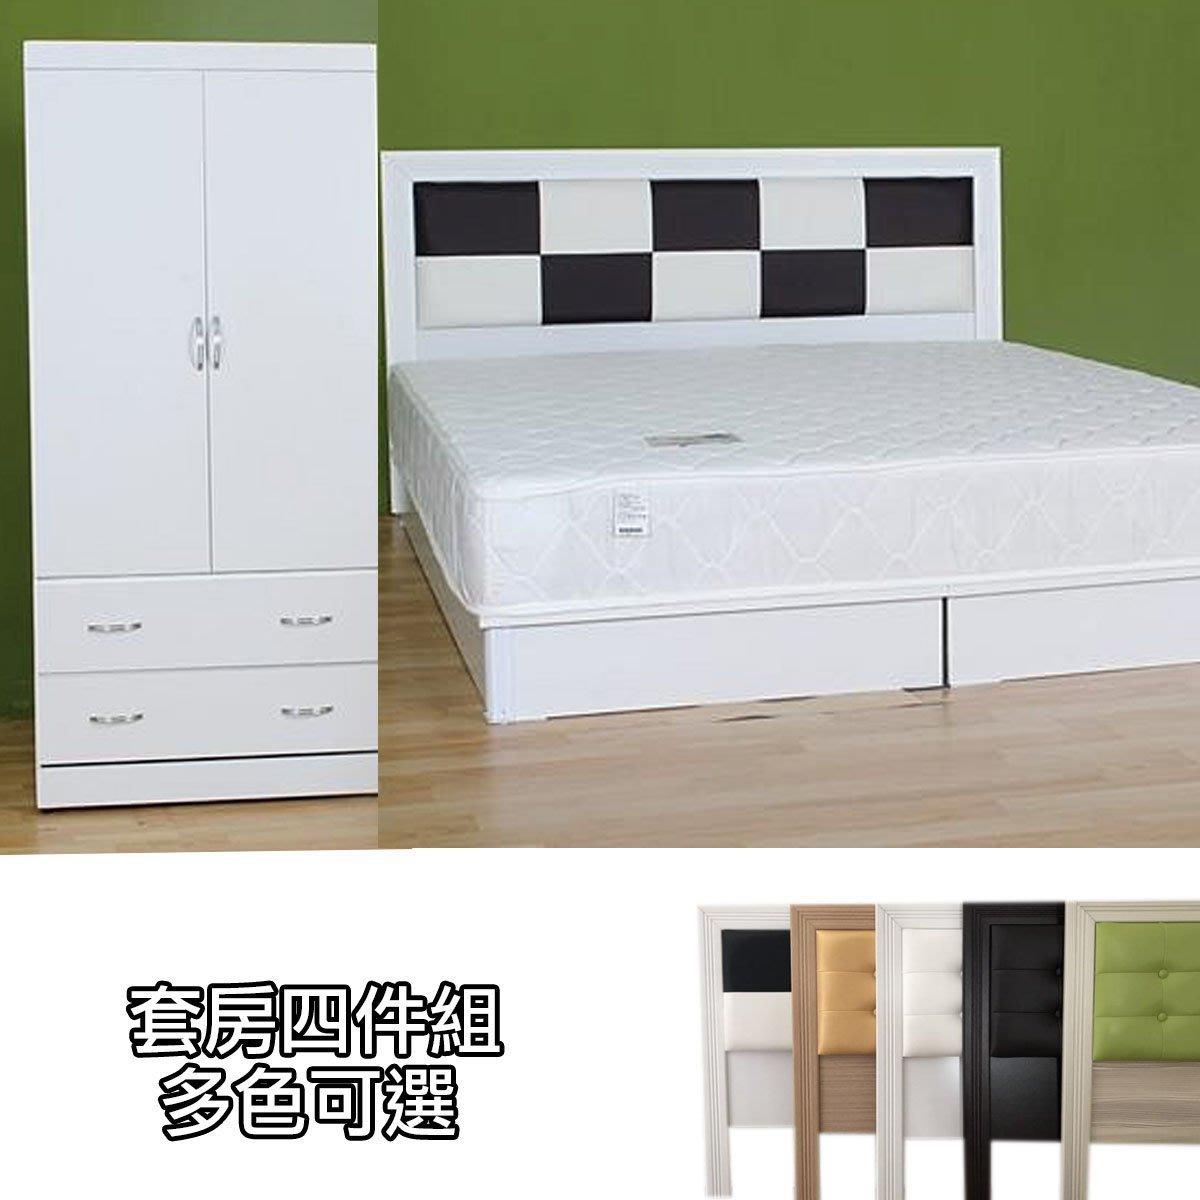 【新精品】DC-15 設計風 套房出租 房東最愛 雙人五尺床頭片+床底+獨立筒床墊+衣櫃 共四件